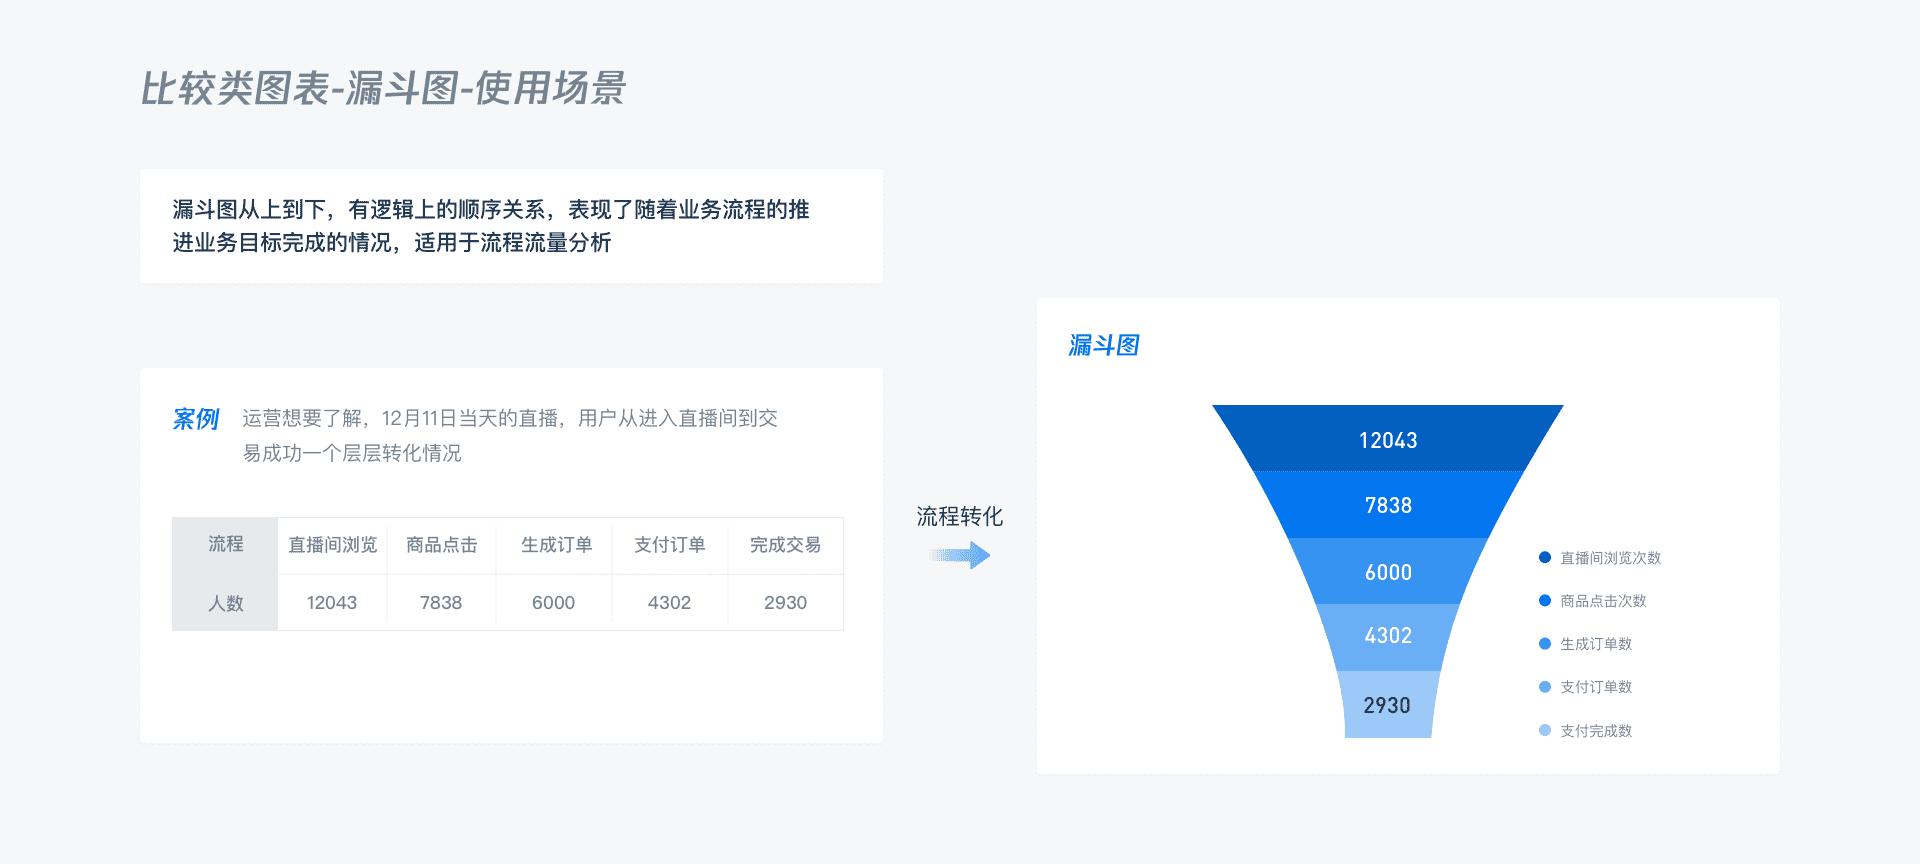 B端产品设计 数据可视化图表选择篇